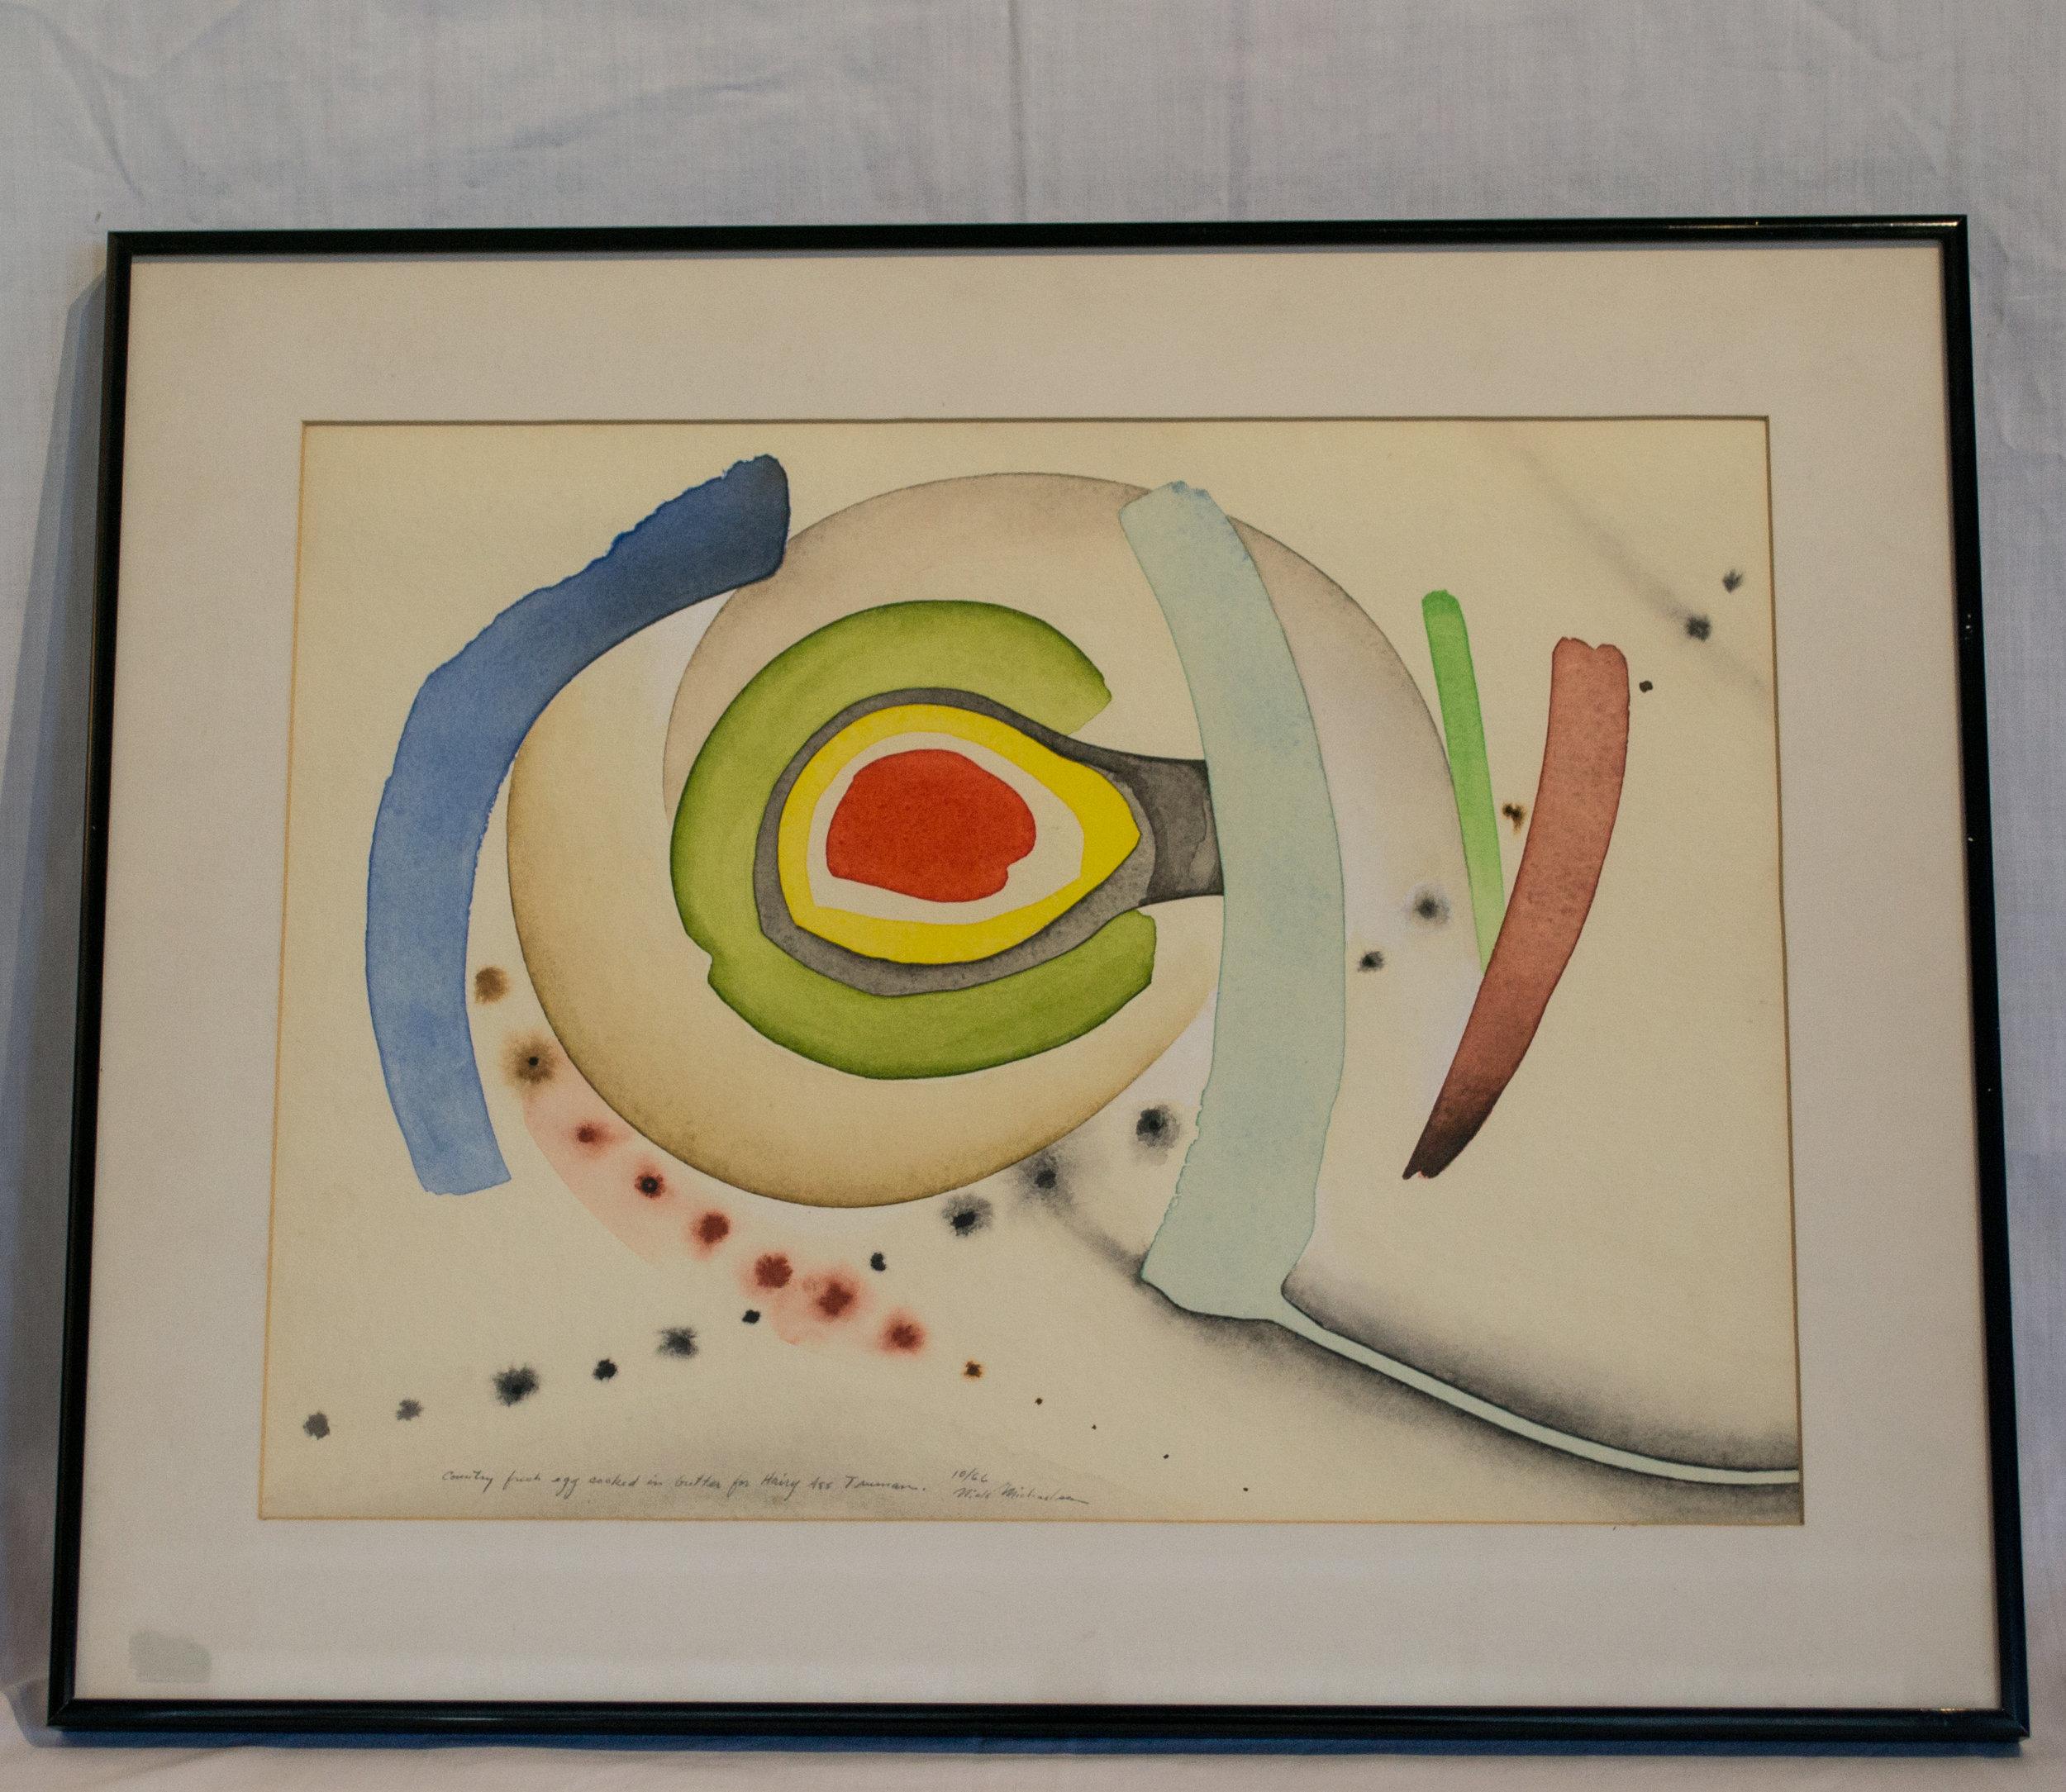 Niels Michaelsen Watercolor Painting in Frame